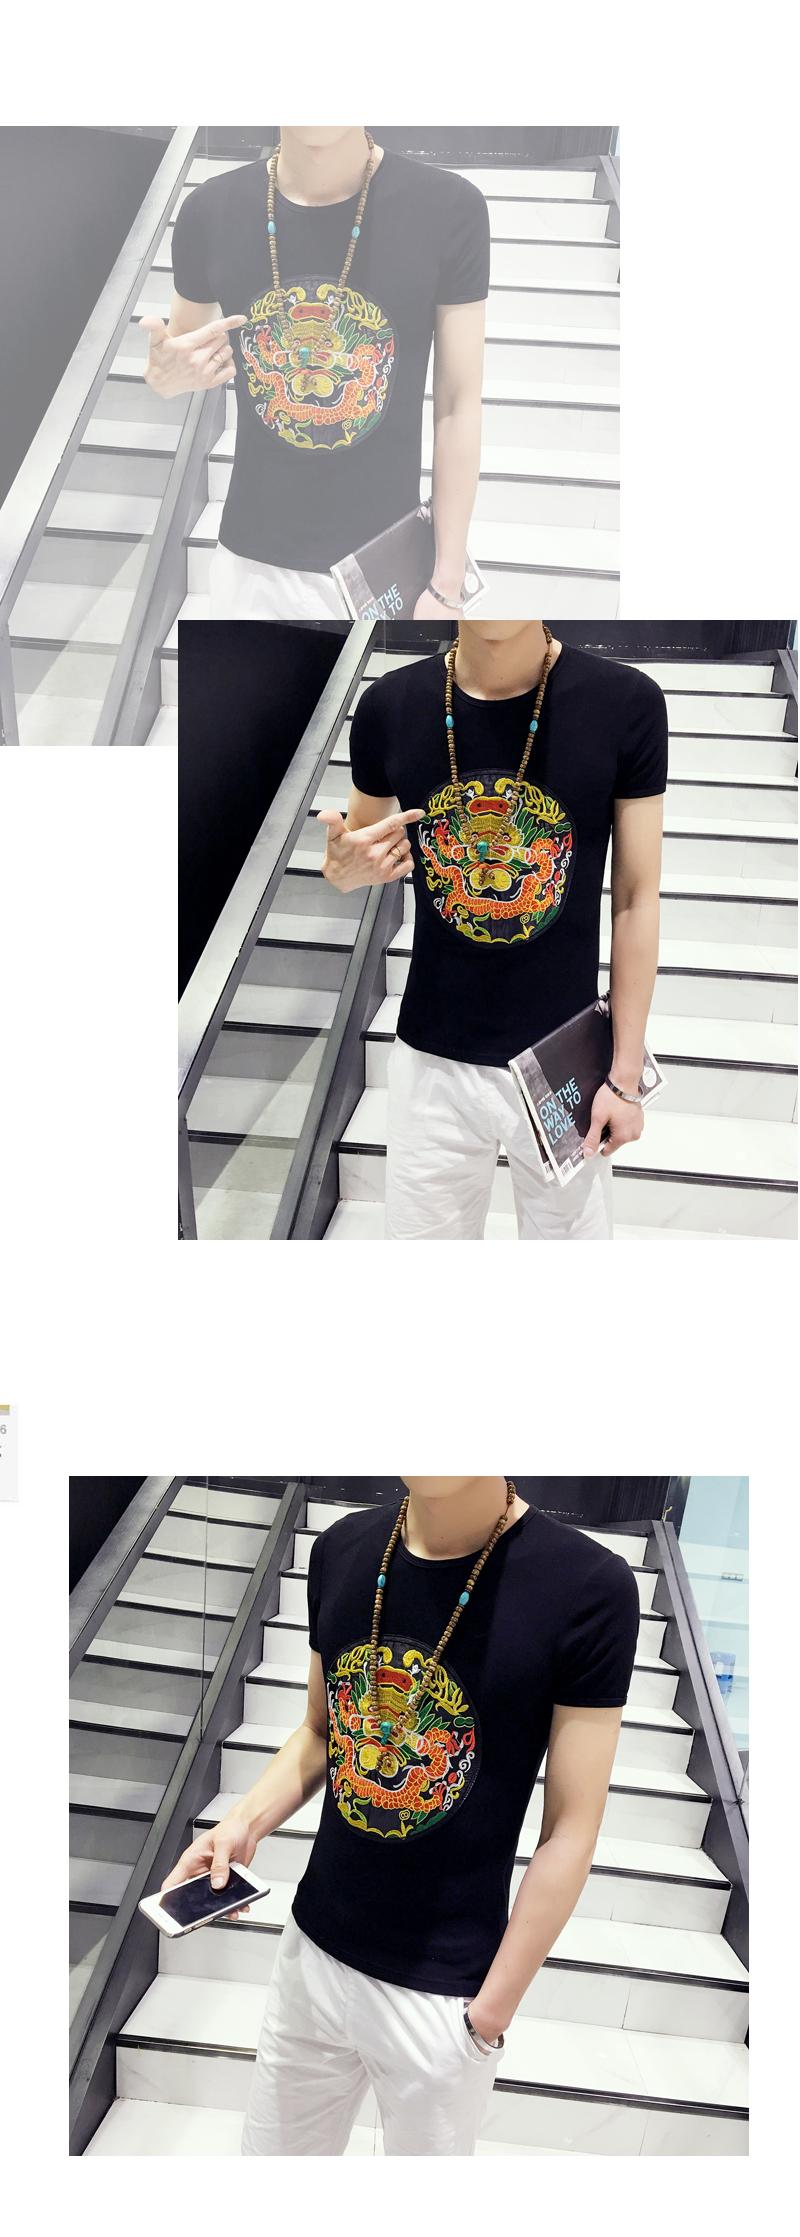 丹杰仕2016快手红人同款男精神小伙t恤社会小伙紧身中国风龙袍刺绣